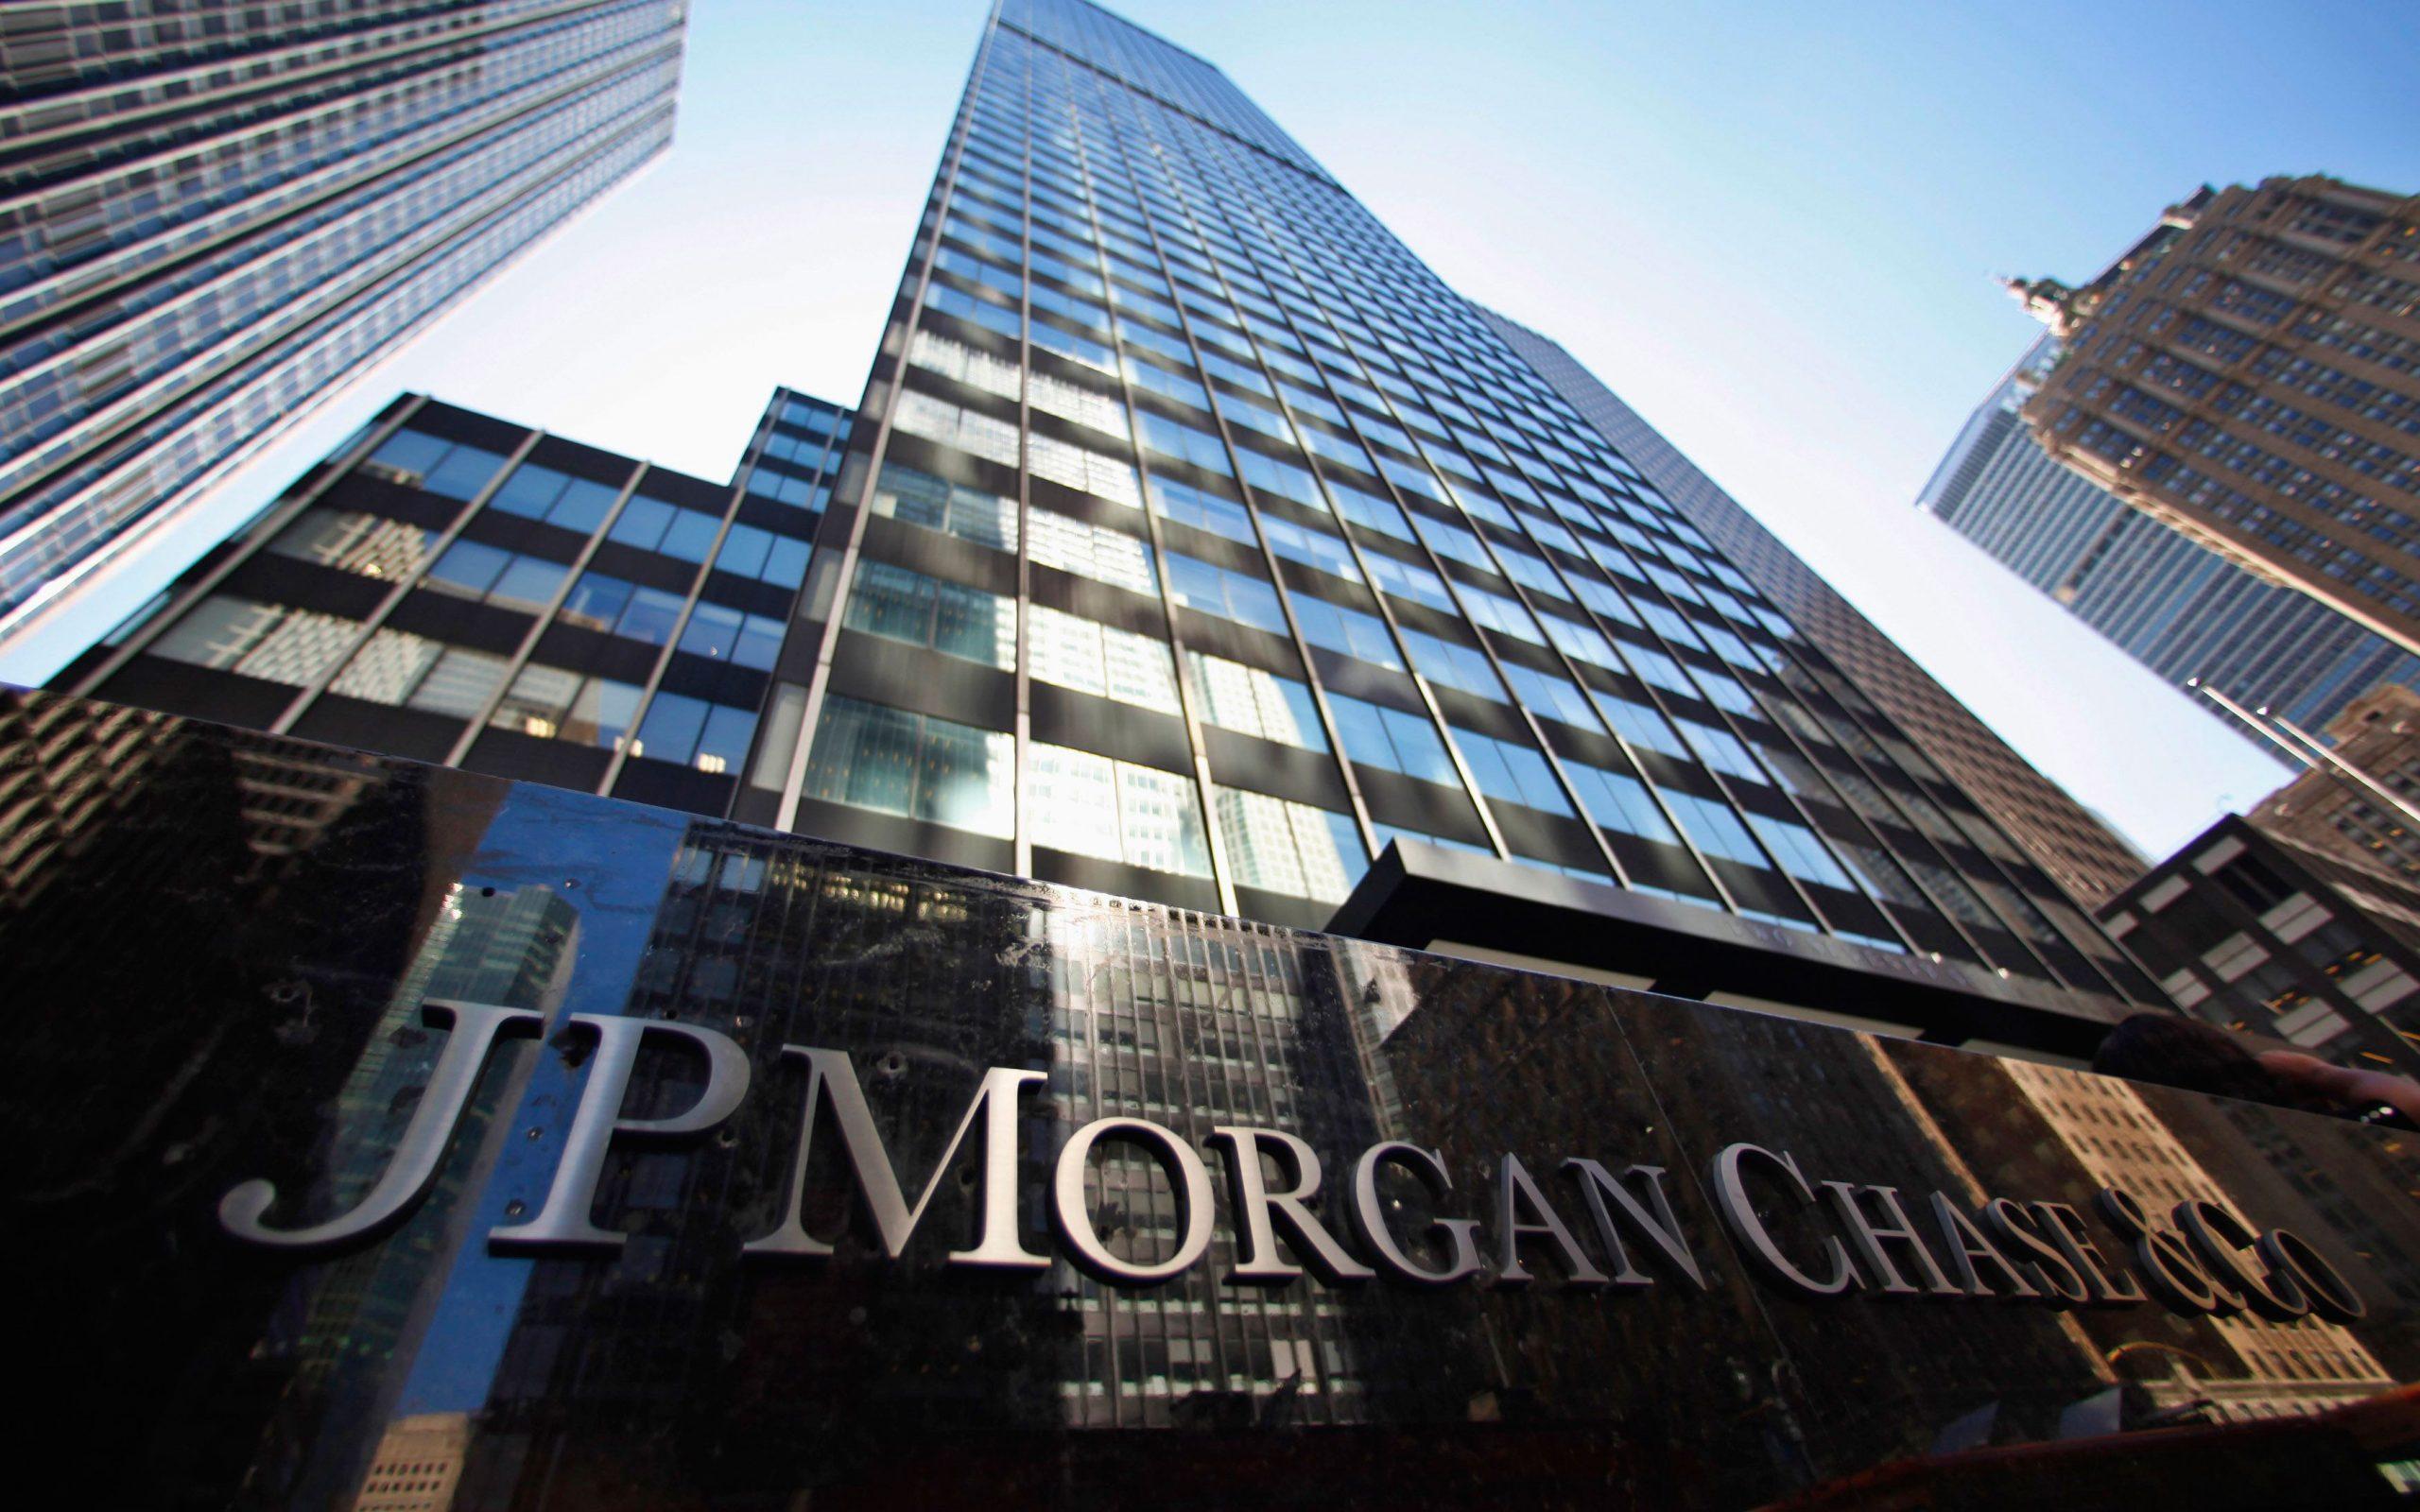 Καταιγιστικές εξελίξεις: Οικονομικός «Κολοσσός» πίσω από την European Super League: Επιβεβαίωσε η JP Morgan για την χρηματοδότηση!